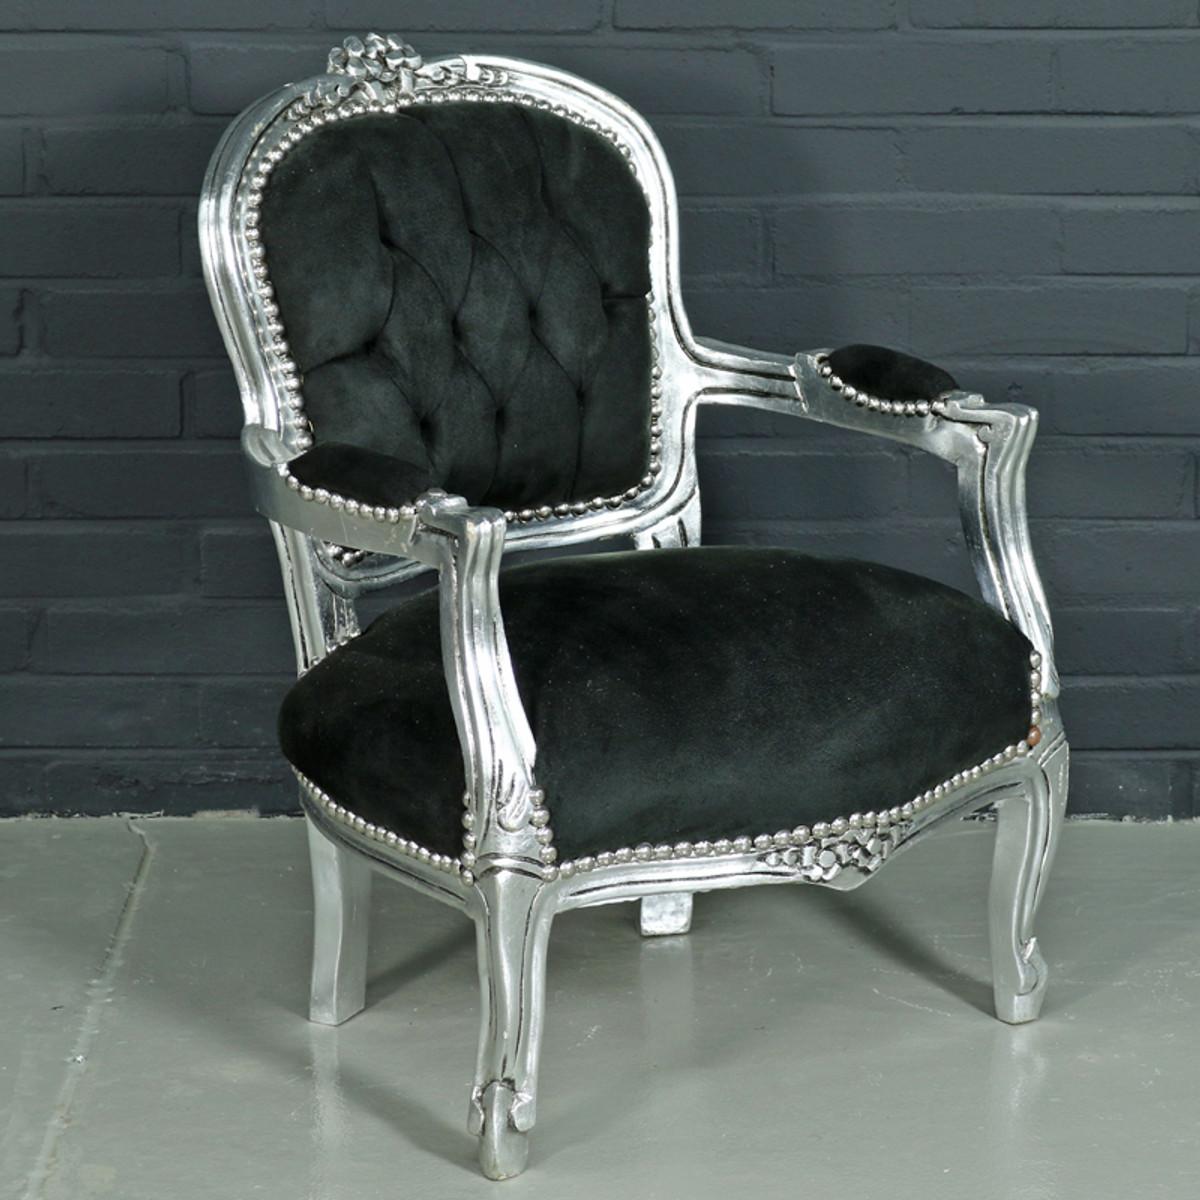 casa padrino barock kinderstuhl schwarz silber kinderm bel im antik stil kinderm bel. Black Bedroom Furniture Sets. Home Design Ideas